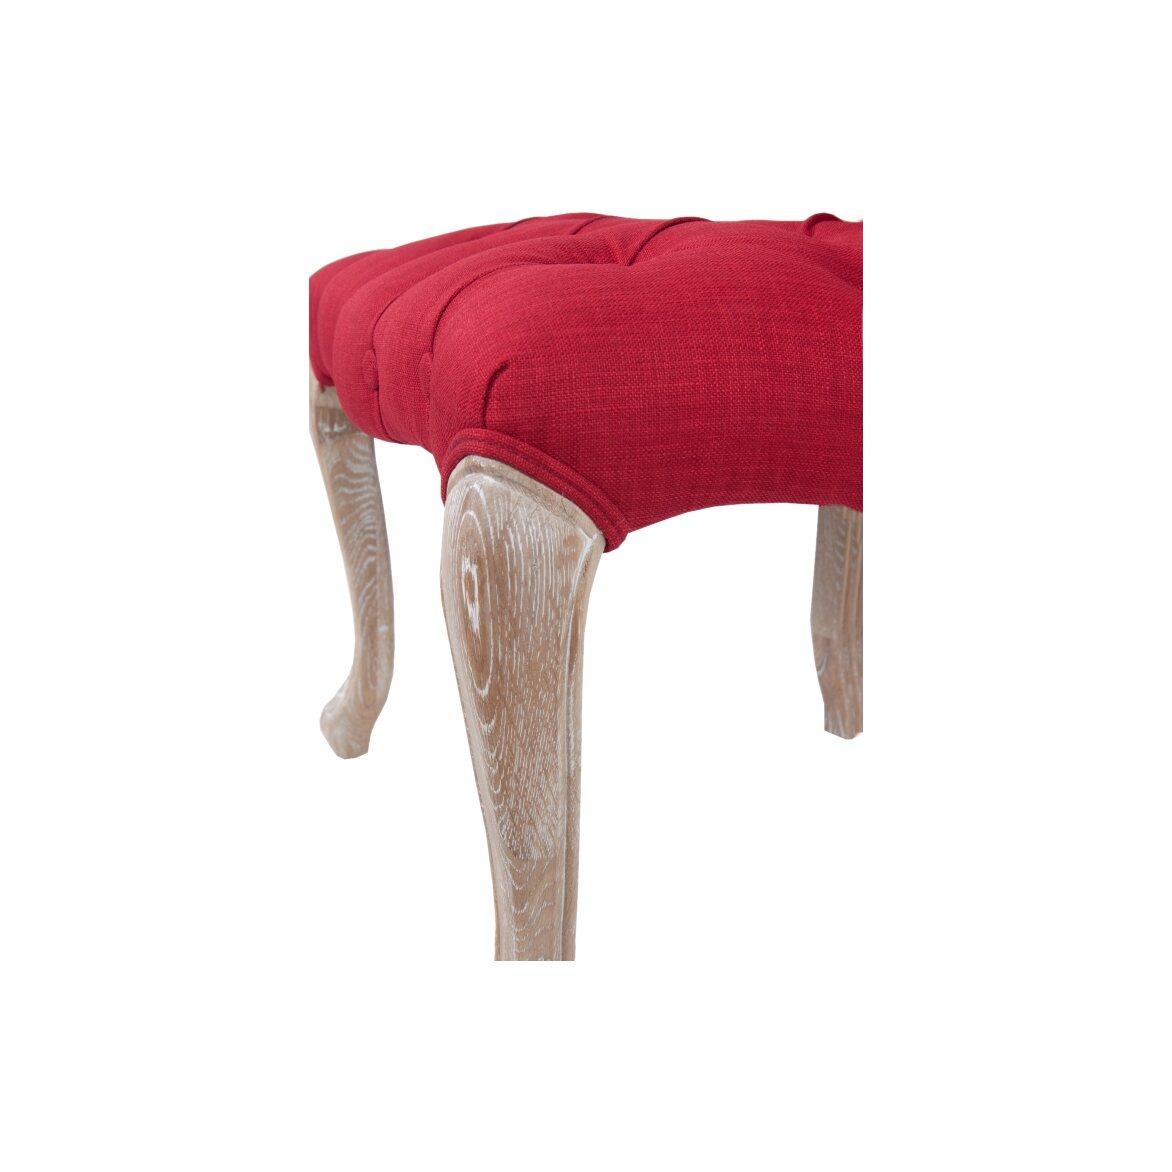 Стул Gamila red 5 | Обеденные стулья Kingsby